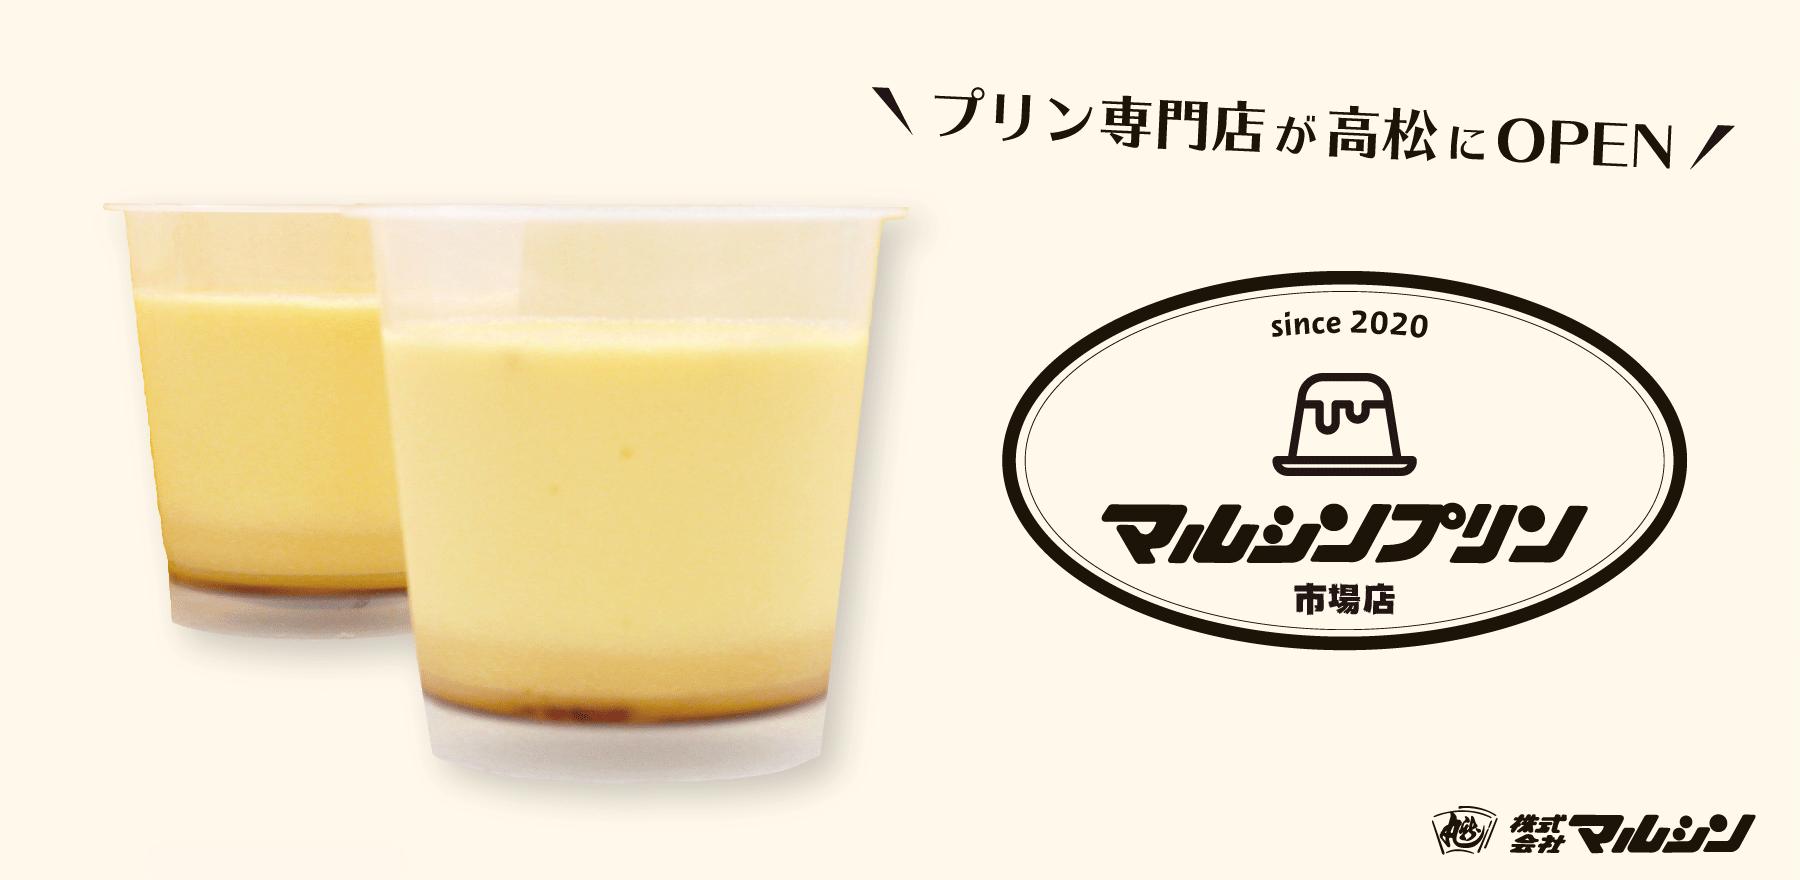 【2020年最新!】地元民が選ぶ高松市近辺でプリンが美味しいお店・6選